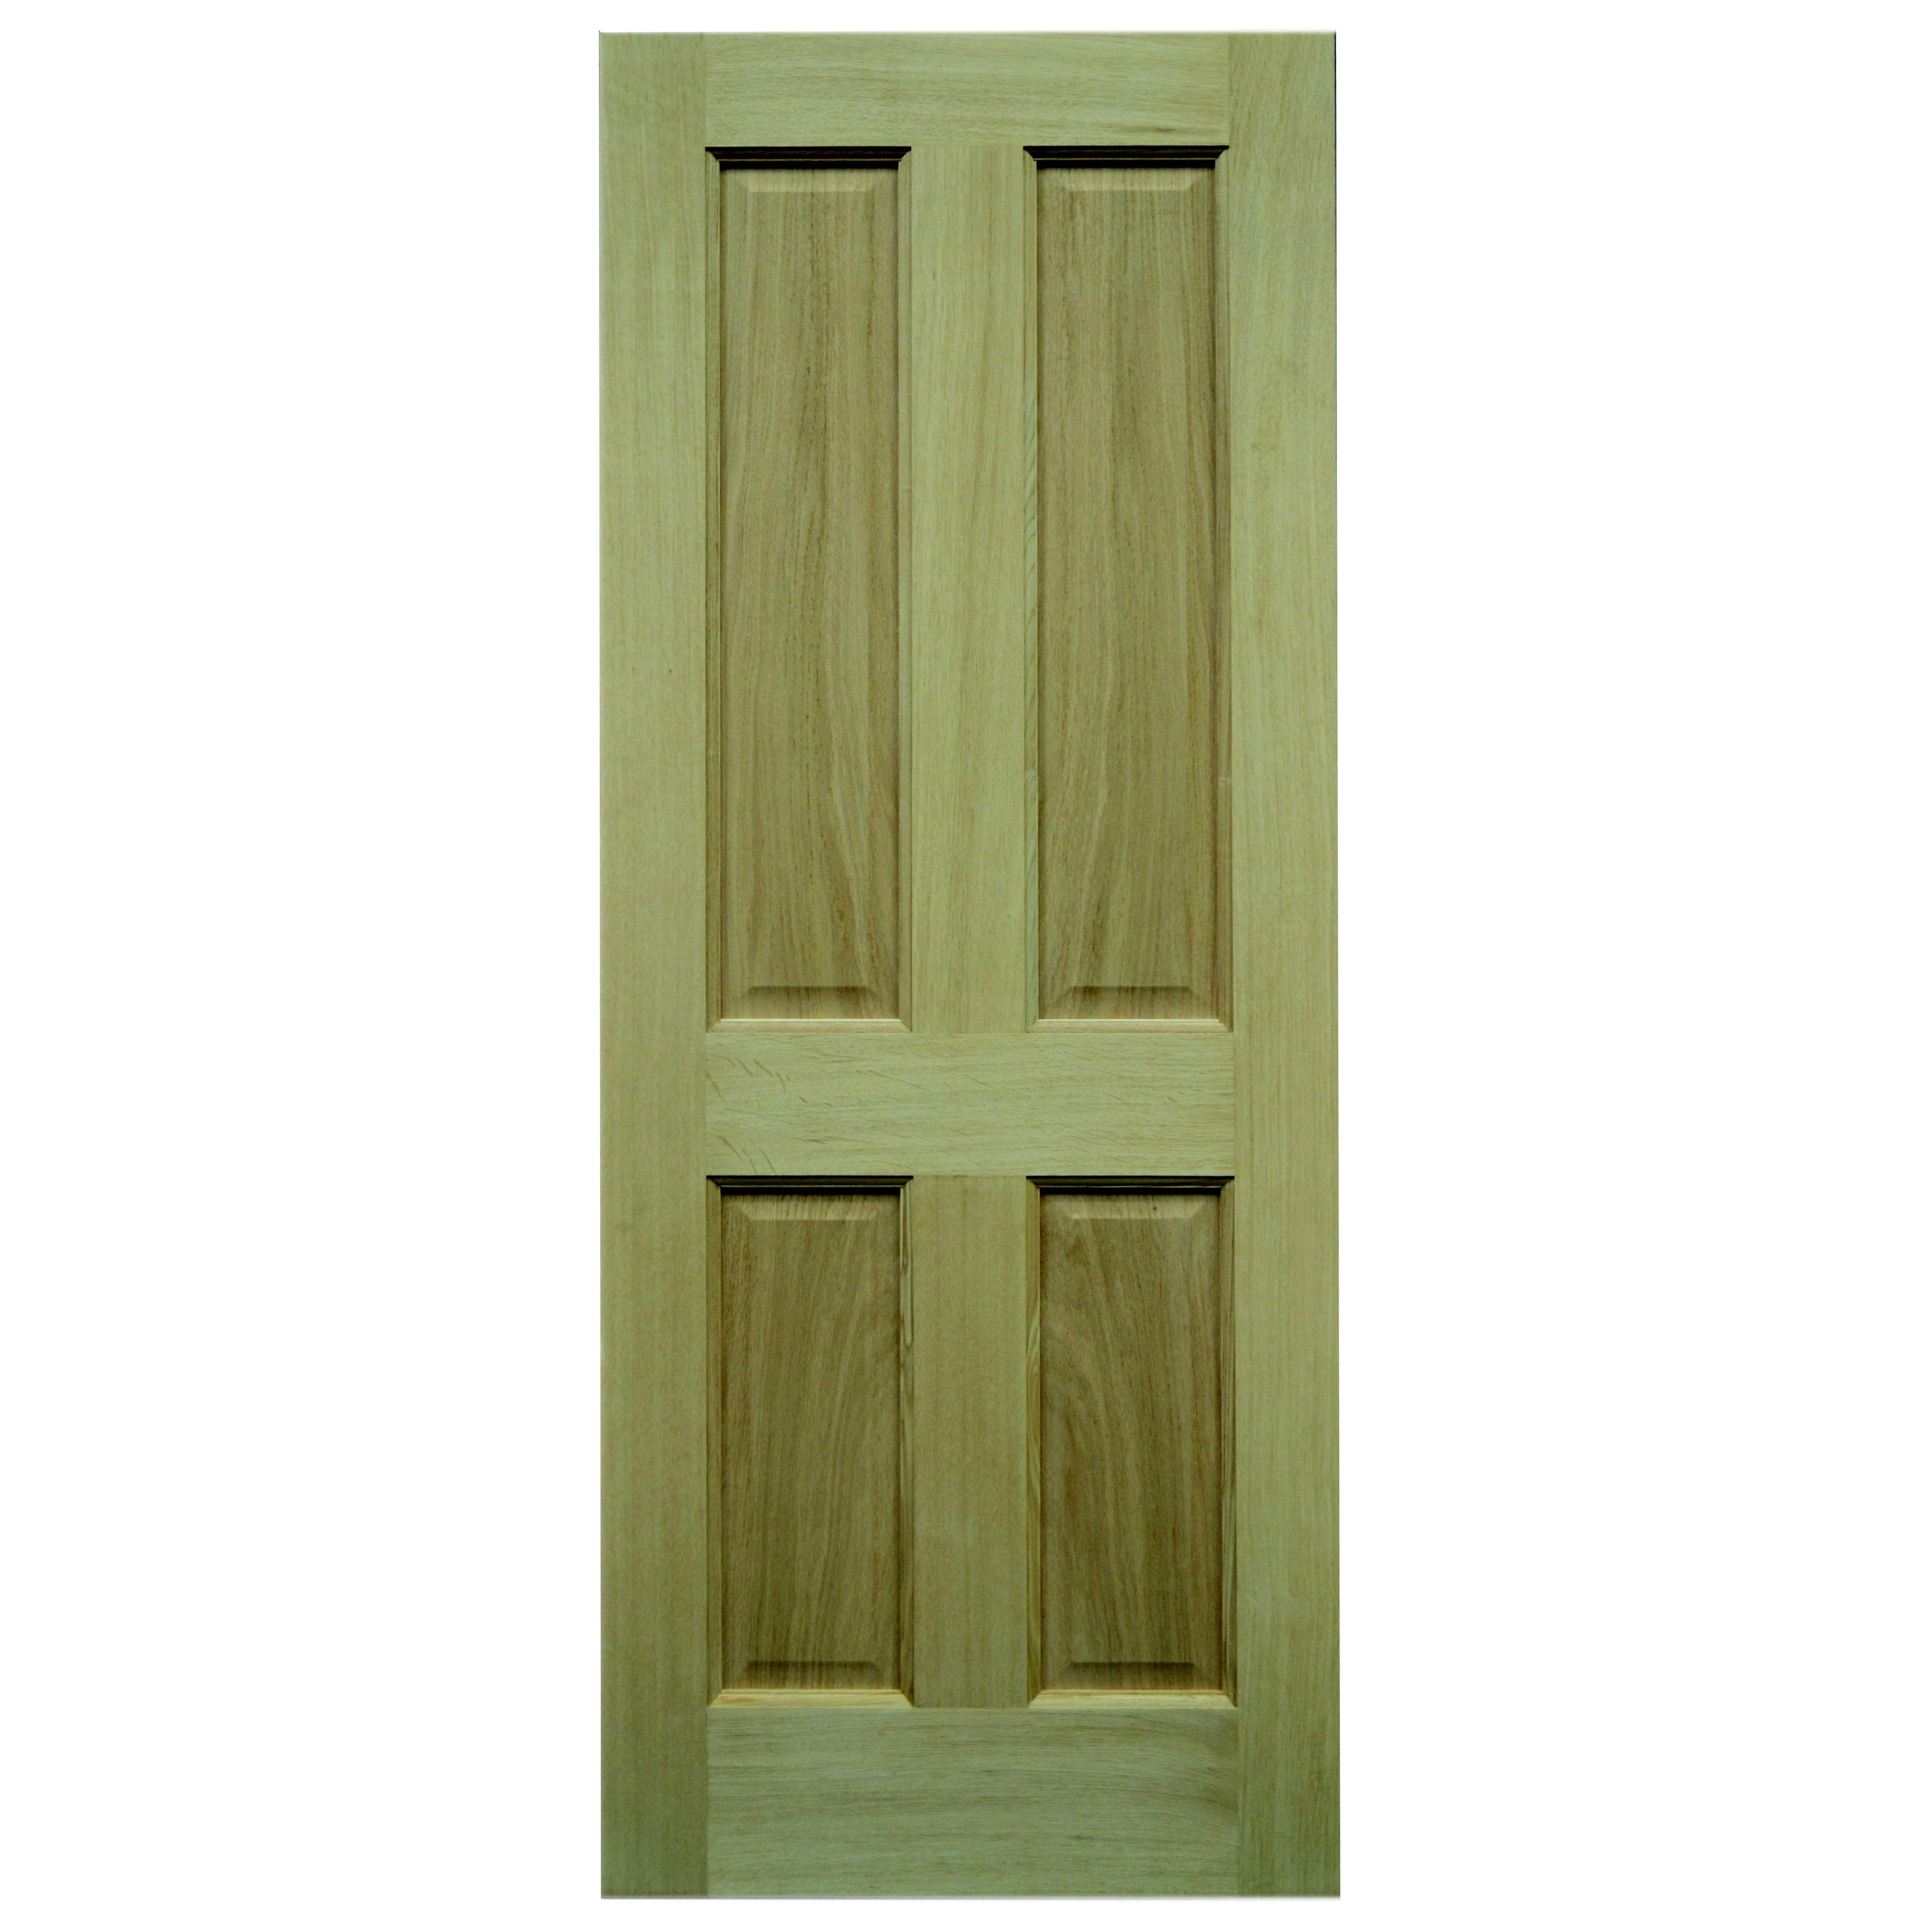 4 panel oak veneer unglazed external front back door h for External back door